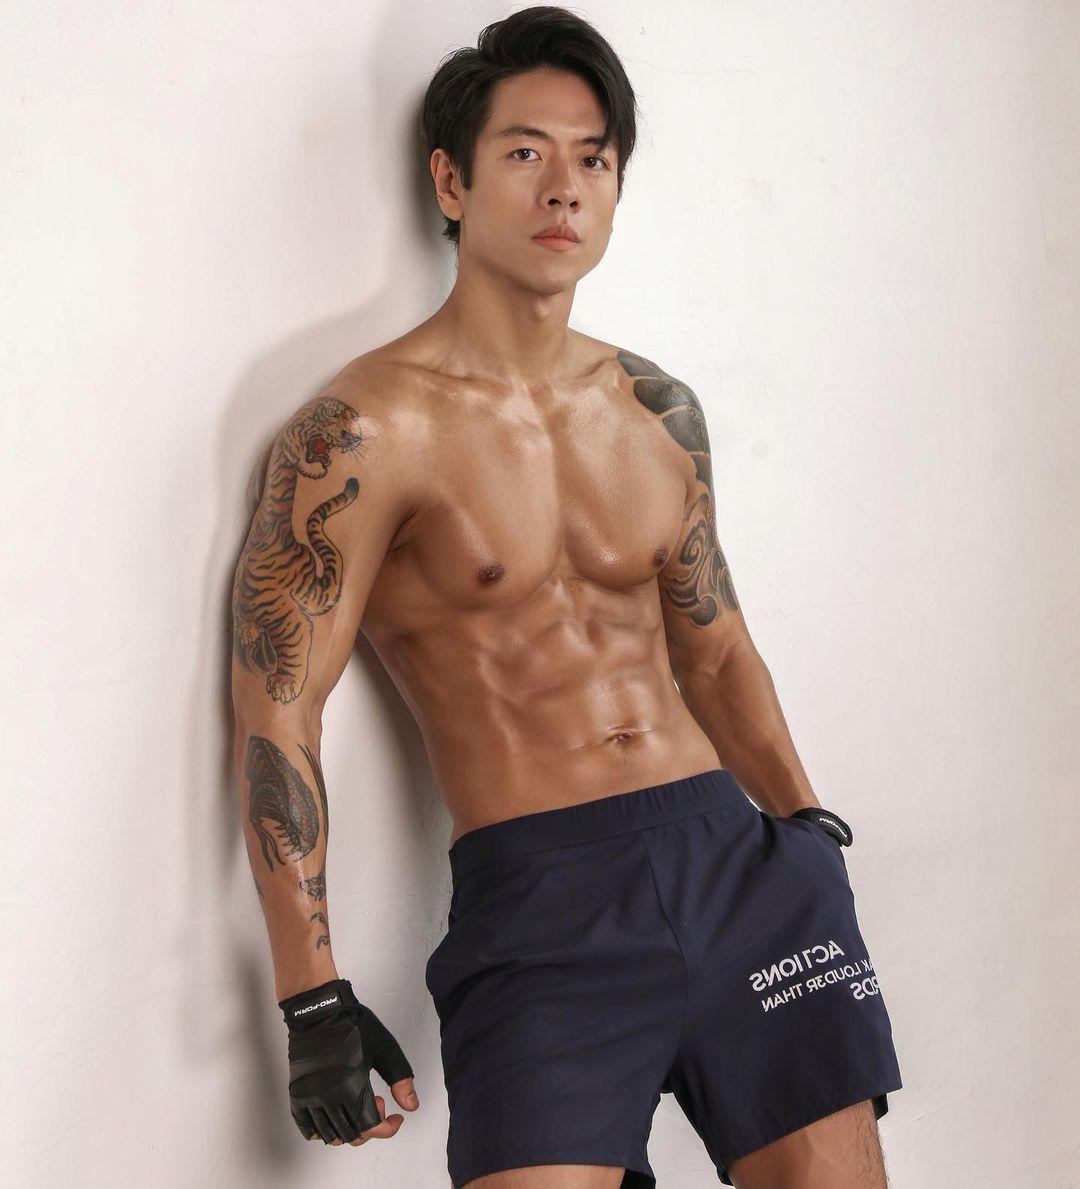 Sau 3 năm nỗ lực ăn kiêng, kiểm soát calories và tập luyện, giờ Michael Trương đã có thân hình lý tưởng.